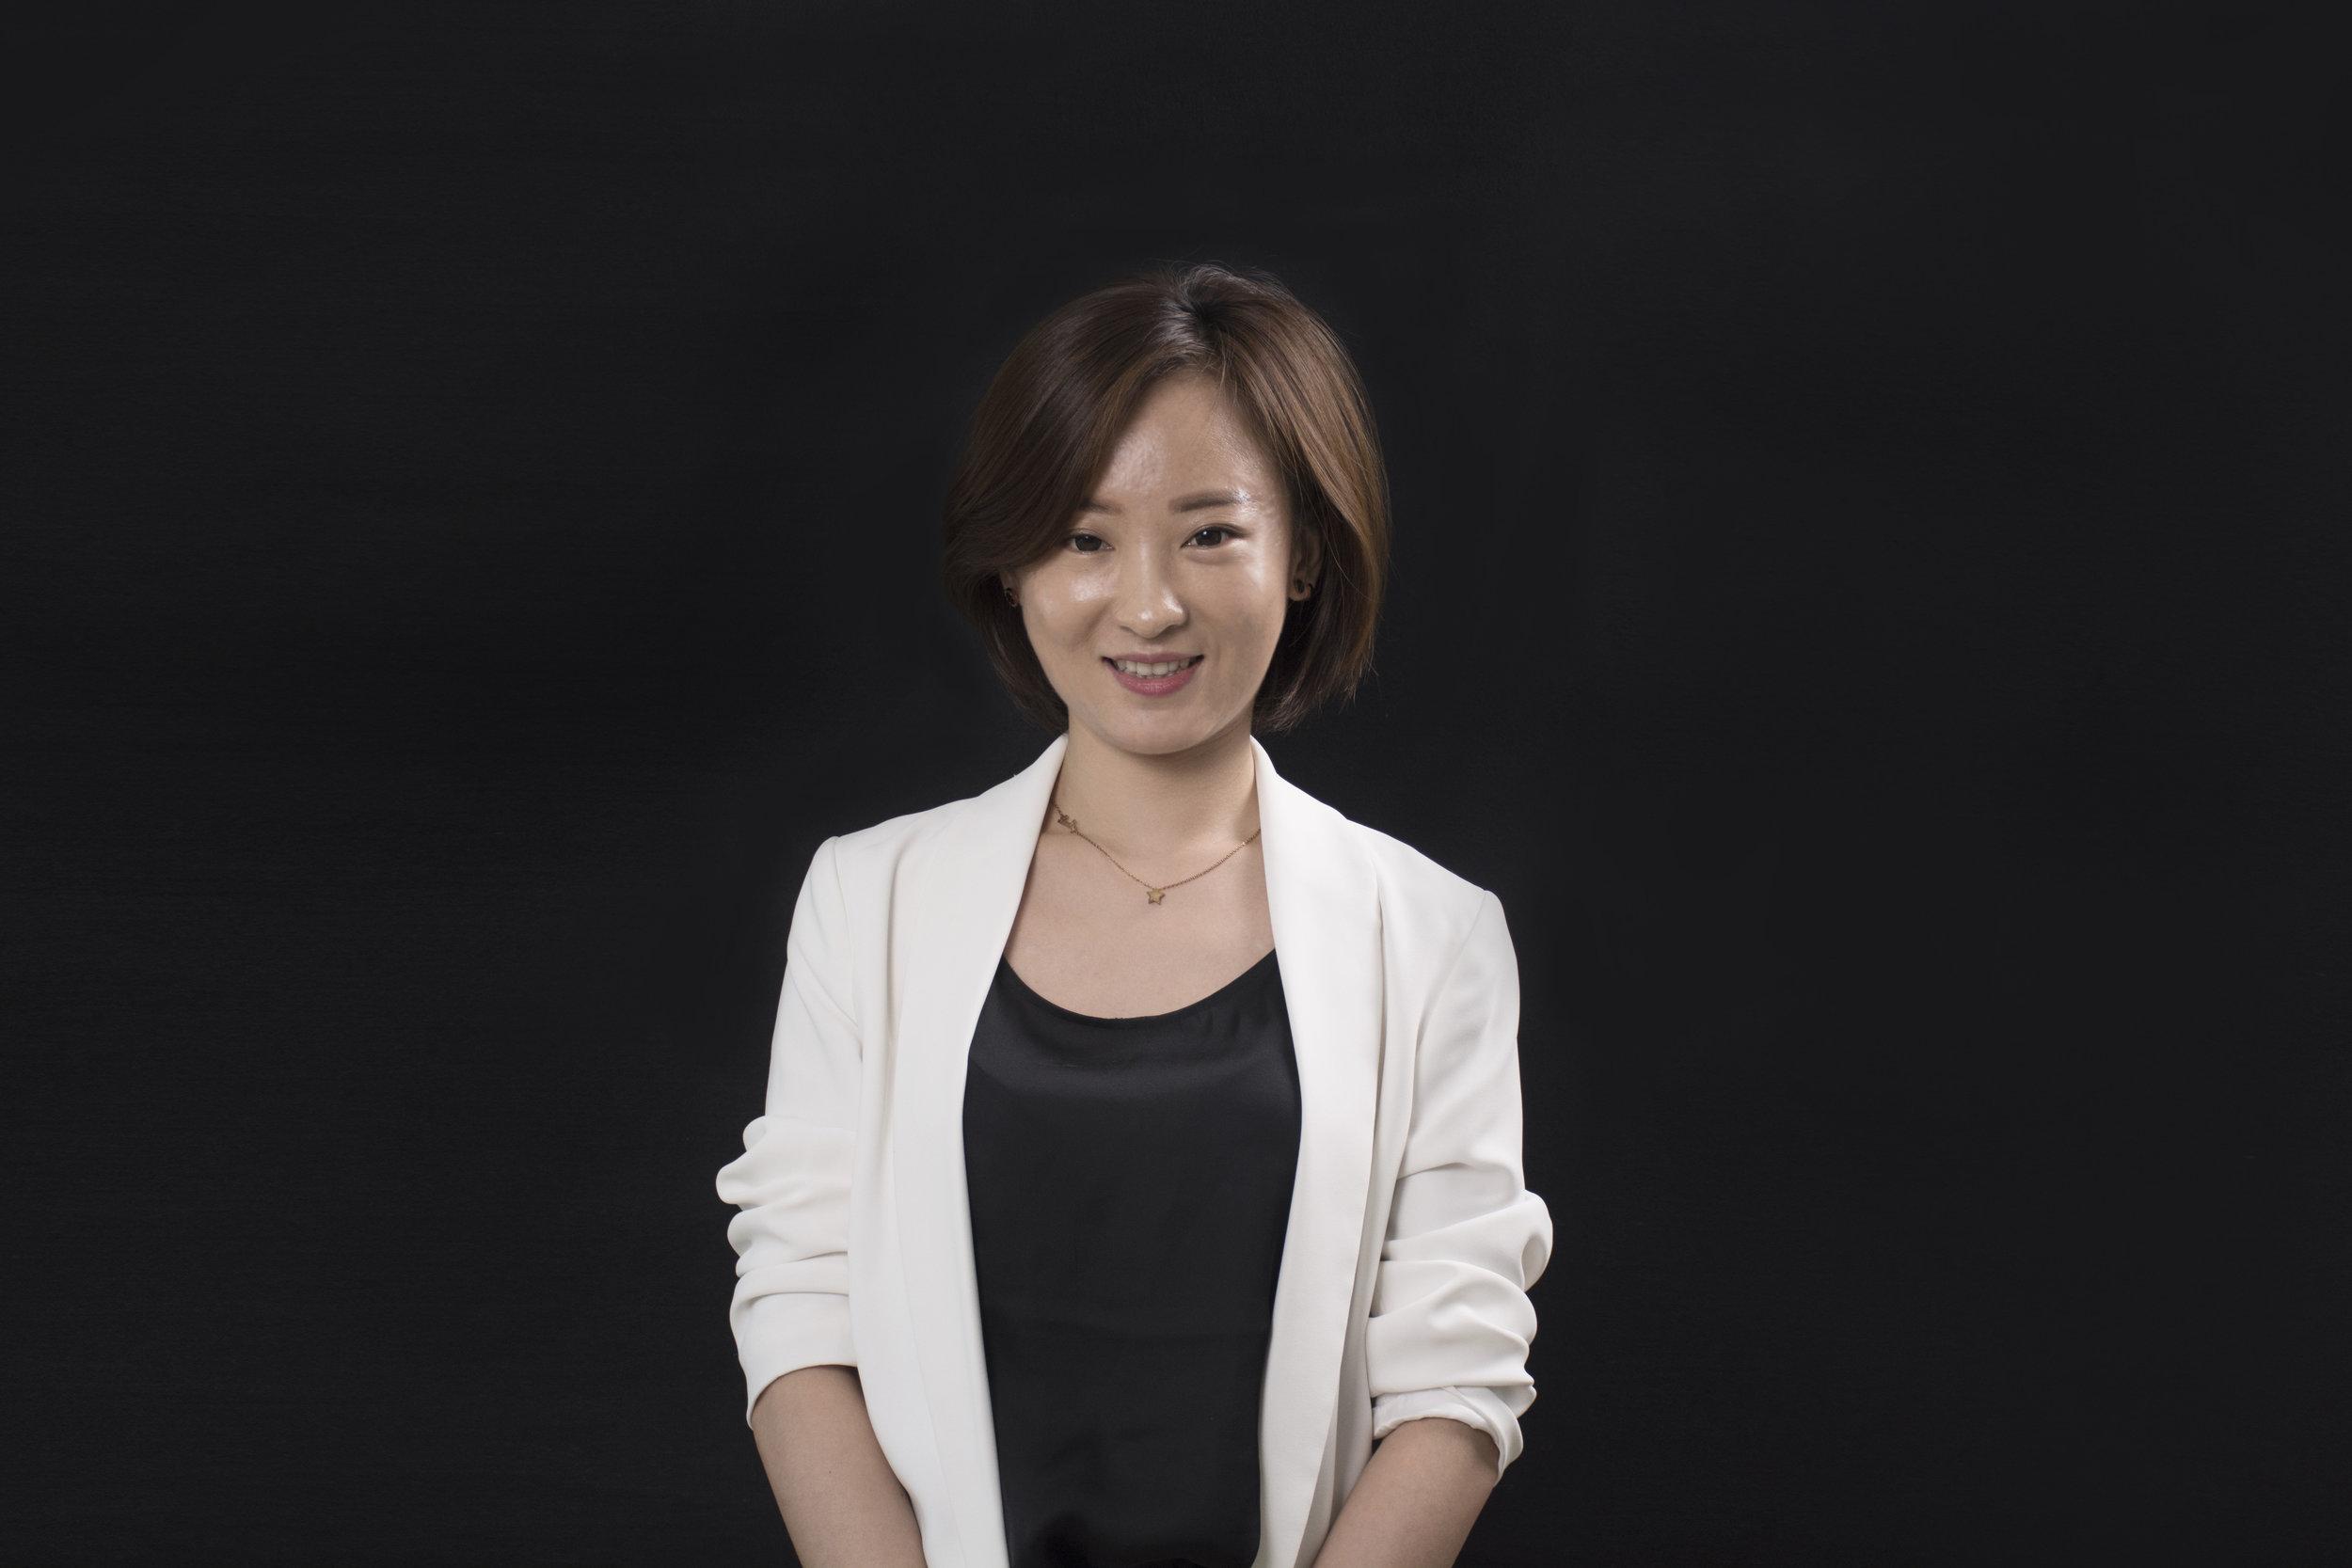 Jennie Zhang, HR Director